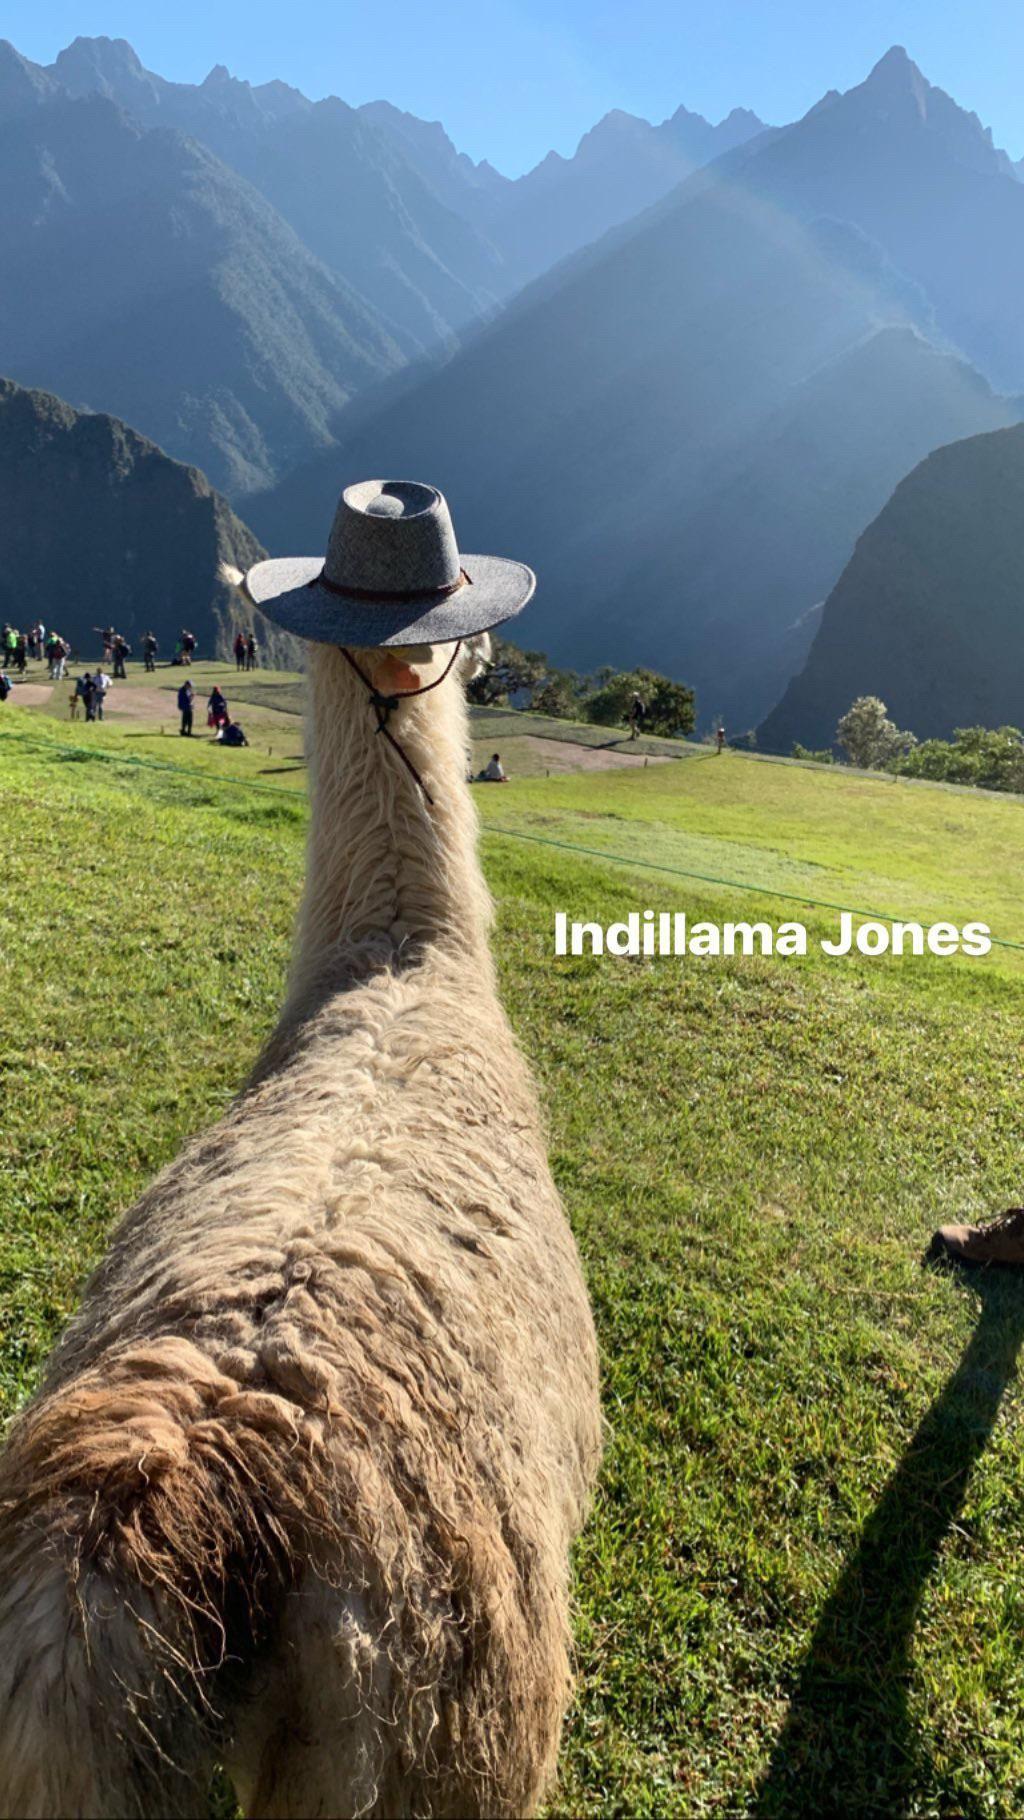 Meanwhile in Machu Picchu